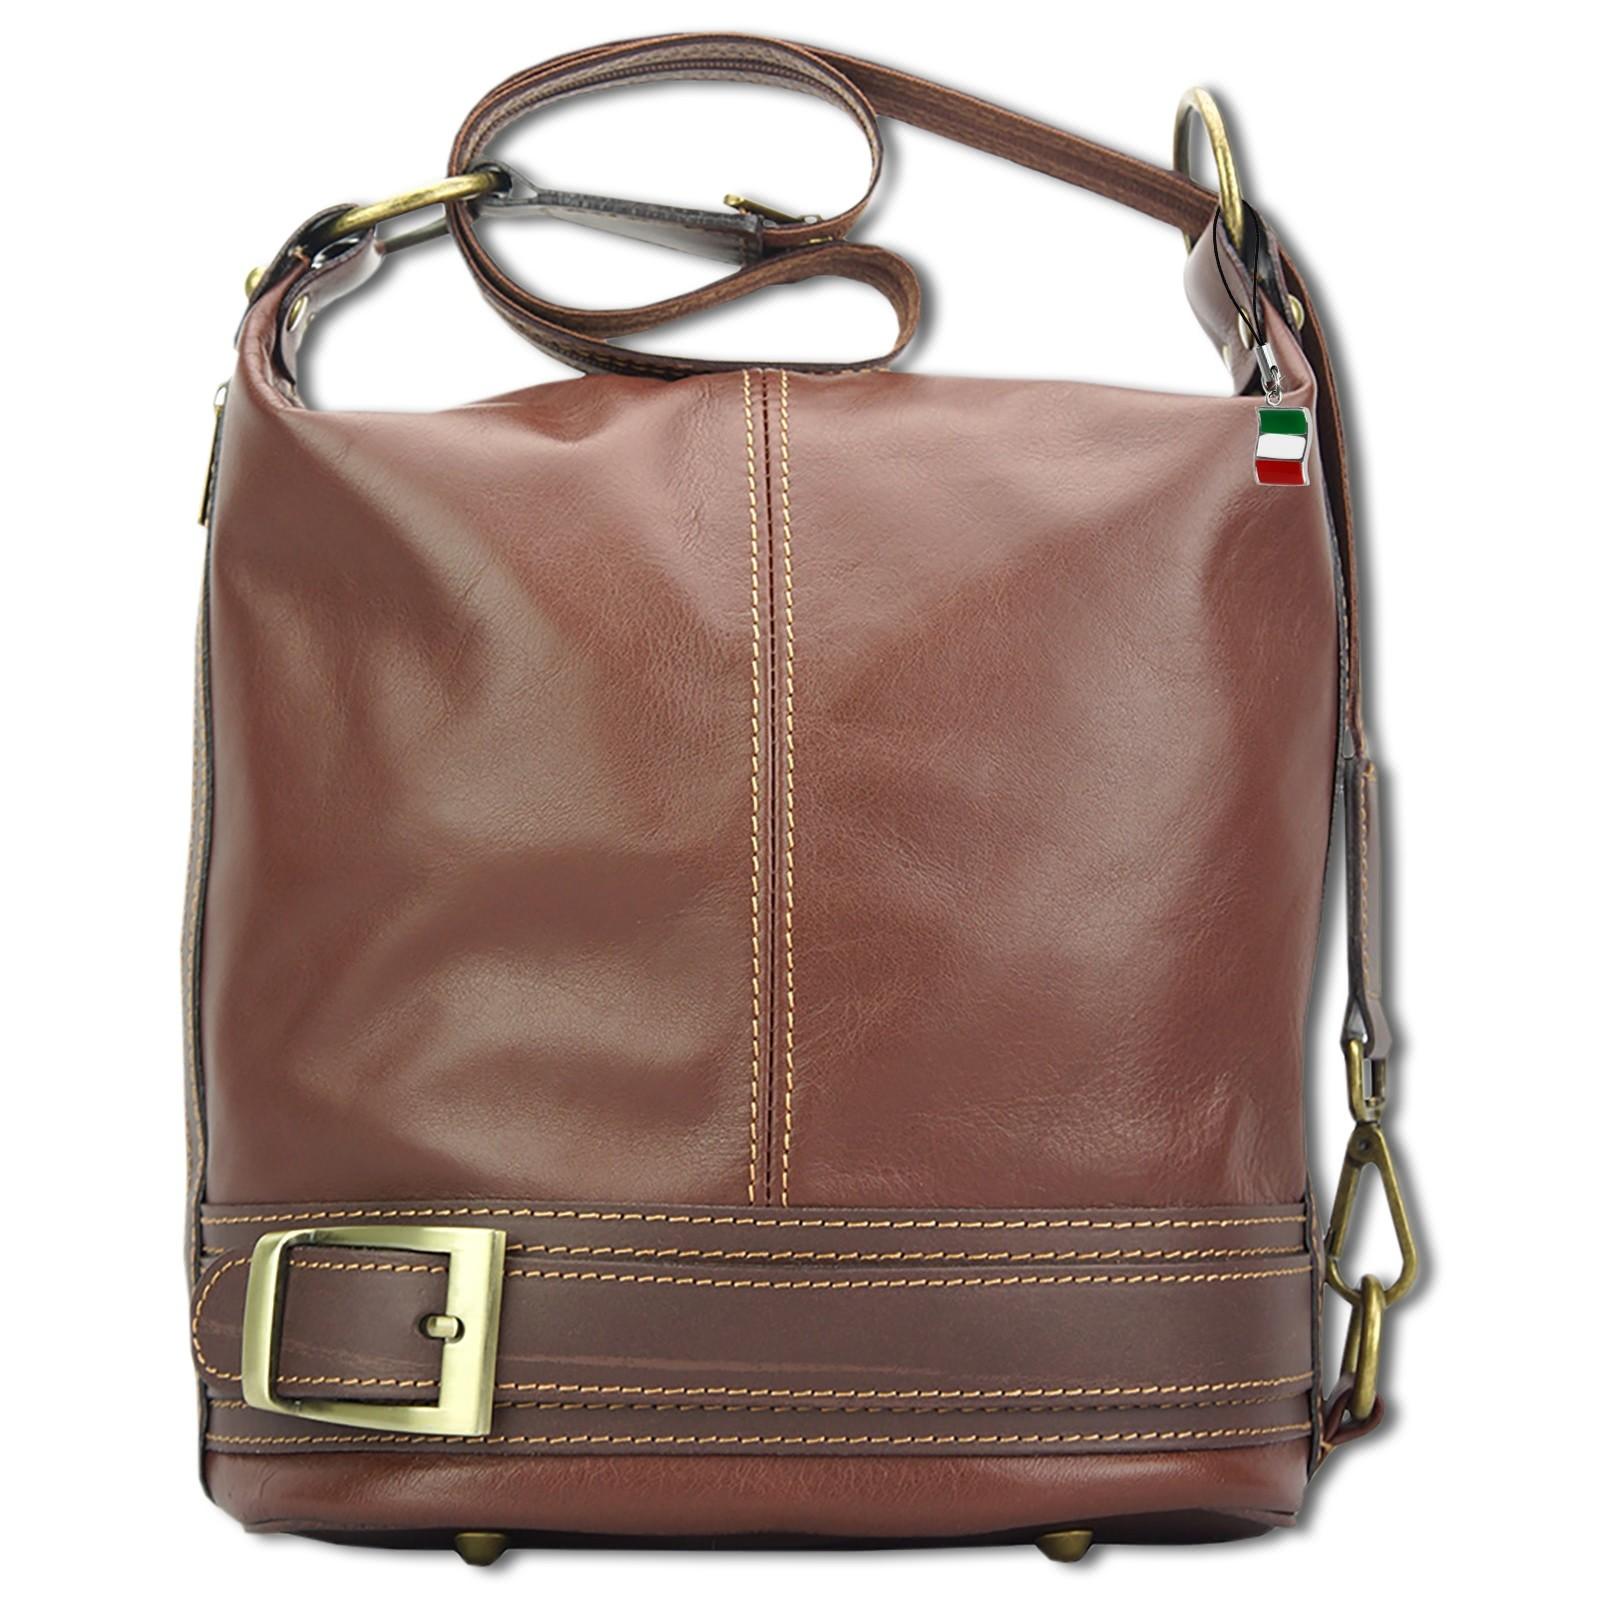 Schultertasche, Rucksack wandelbare Damen Handtasche Leder braun OTF104N